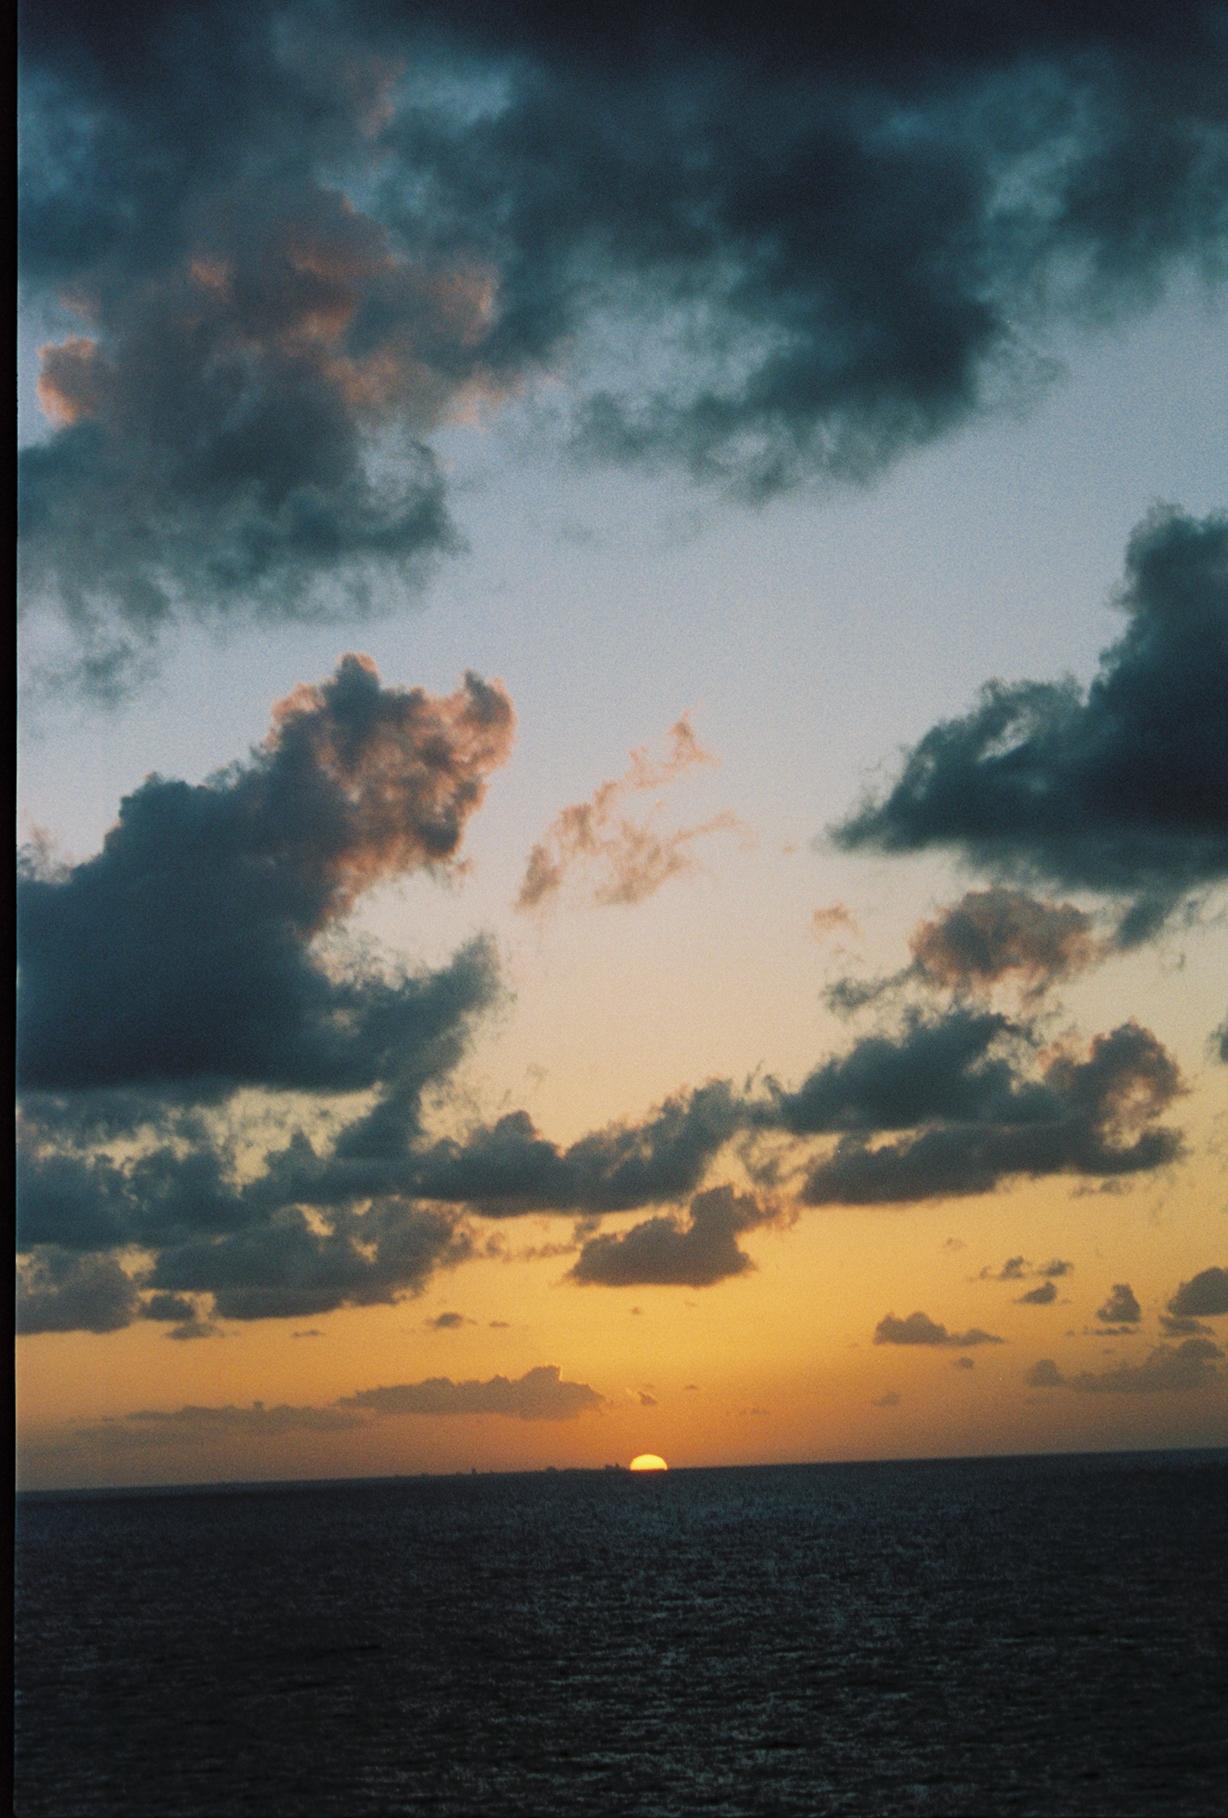 Ocean verticle sun going down